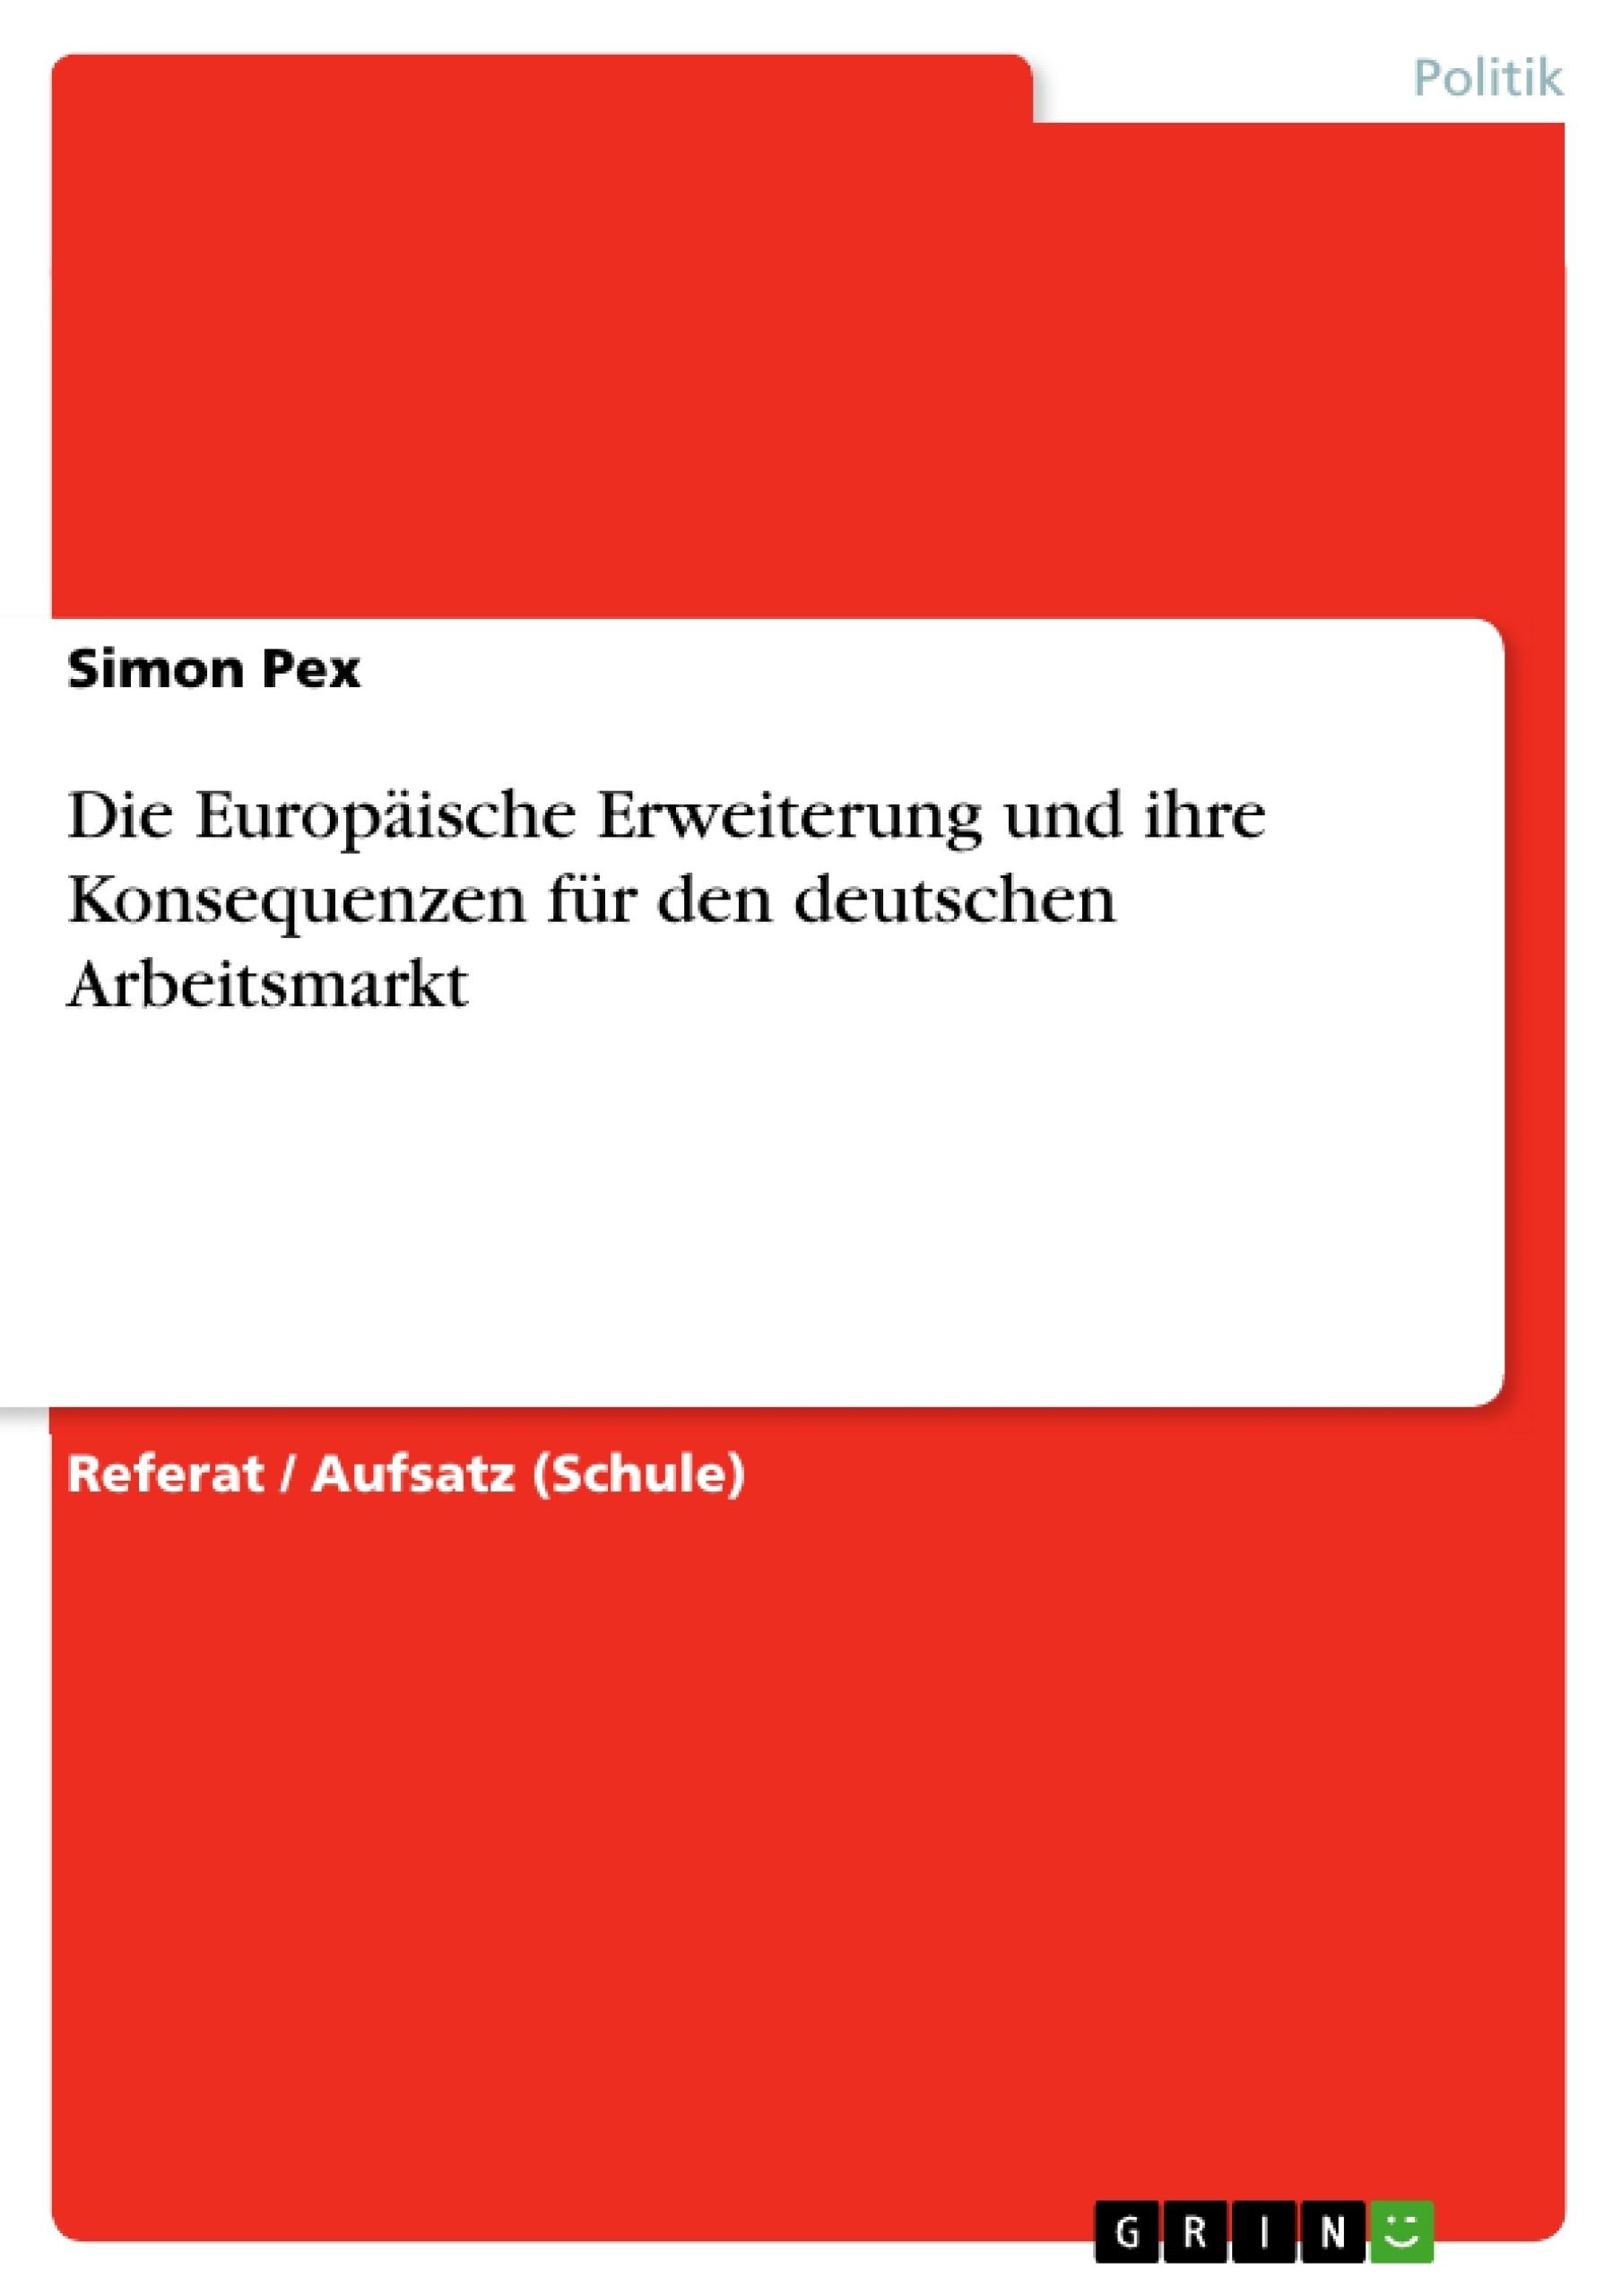 Titel: Die Europäische Erweiterung und ihre Konsequenzen für den deutschen Arbeitsmarkt